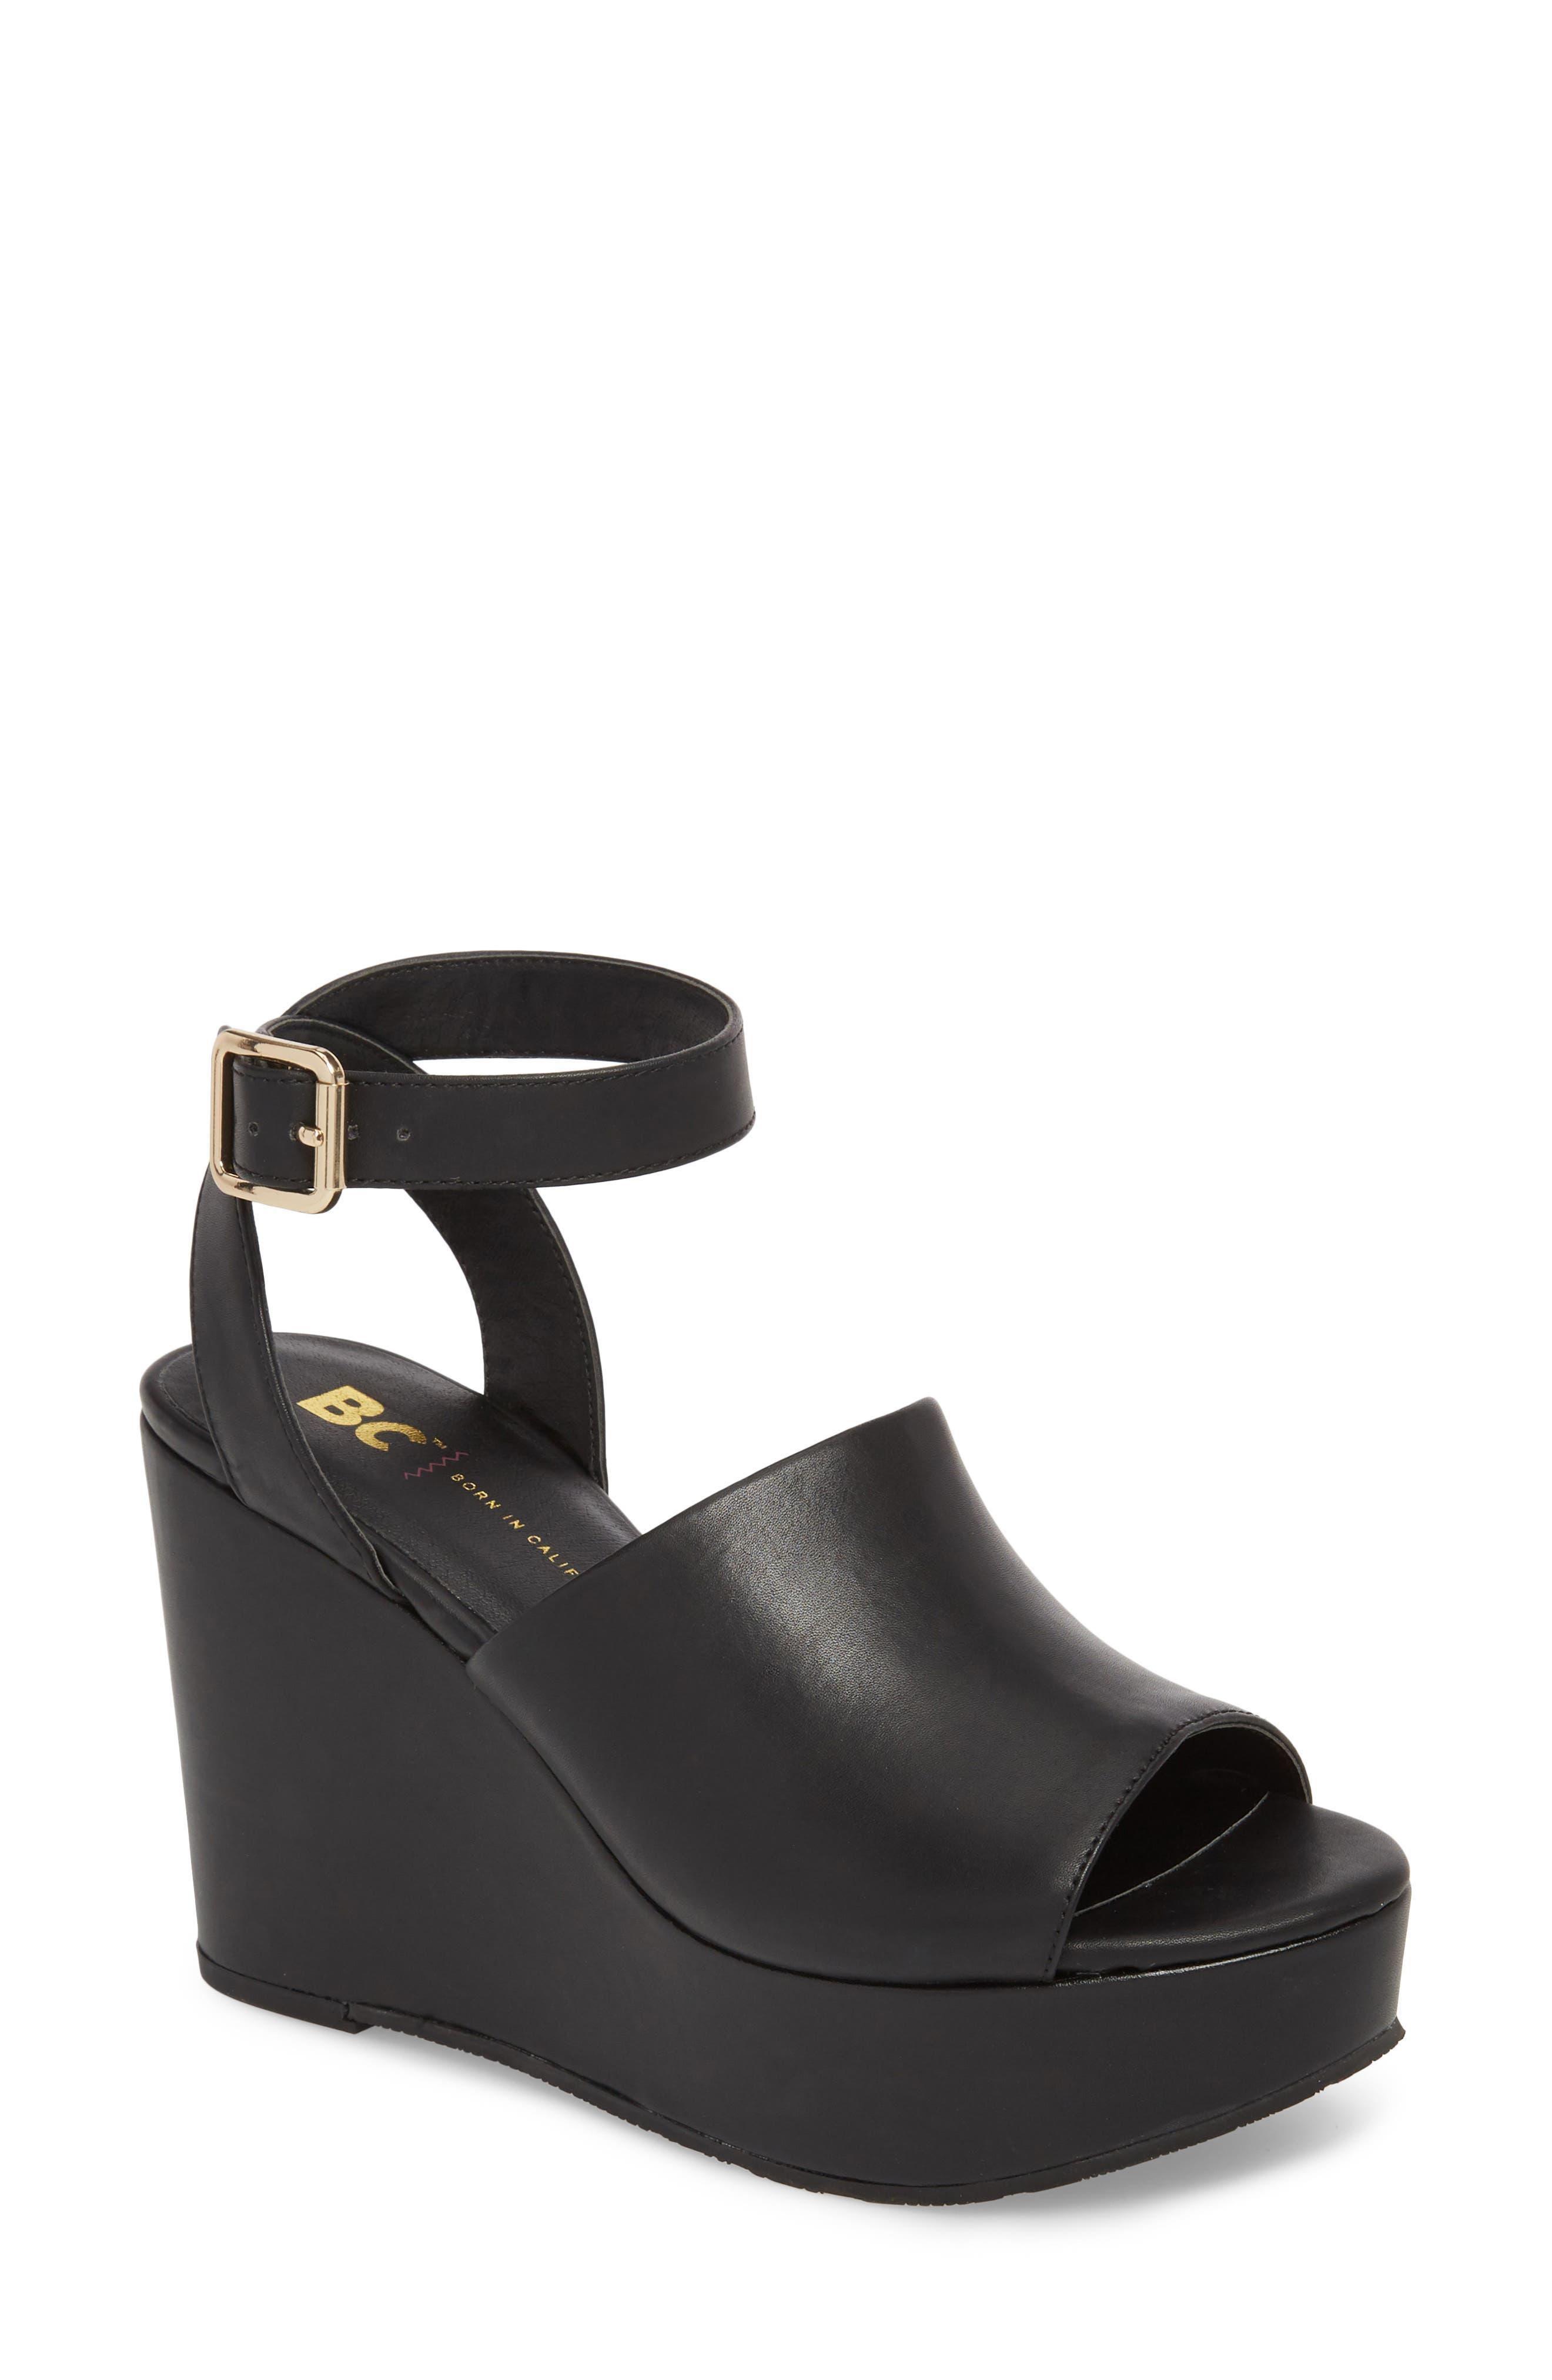 Admit One Platform Wedge Sandal,                         Main,                         color,